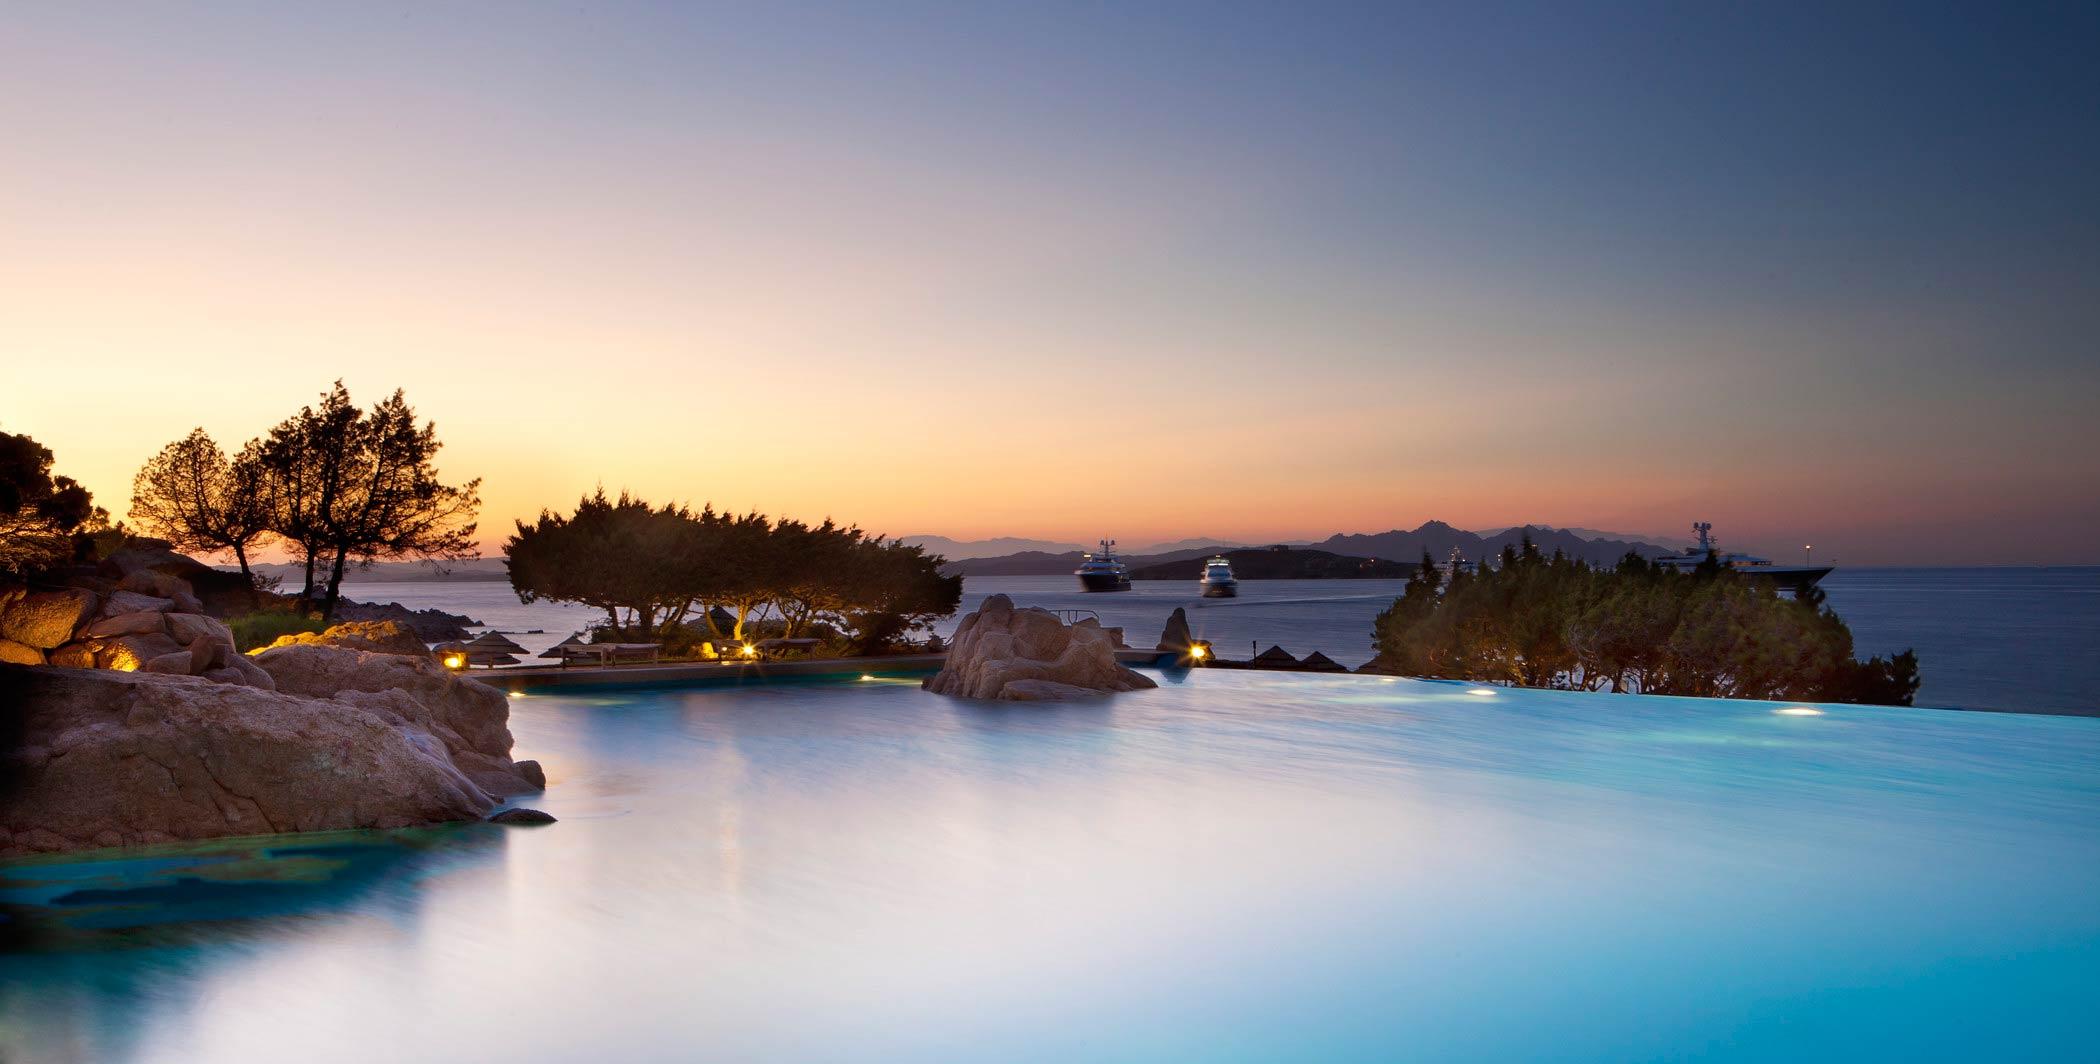 Hotel-Pitrizza-Hotel-Costa-Smeralda-Italy-Swimming Pool